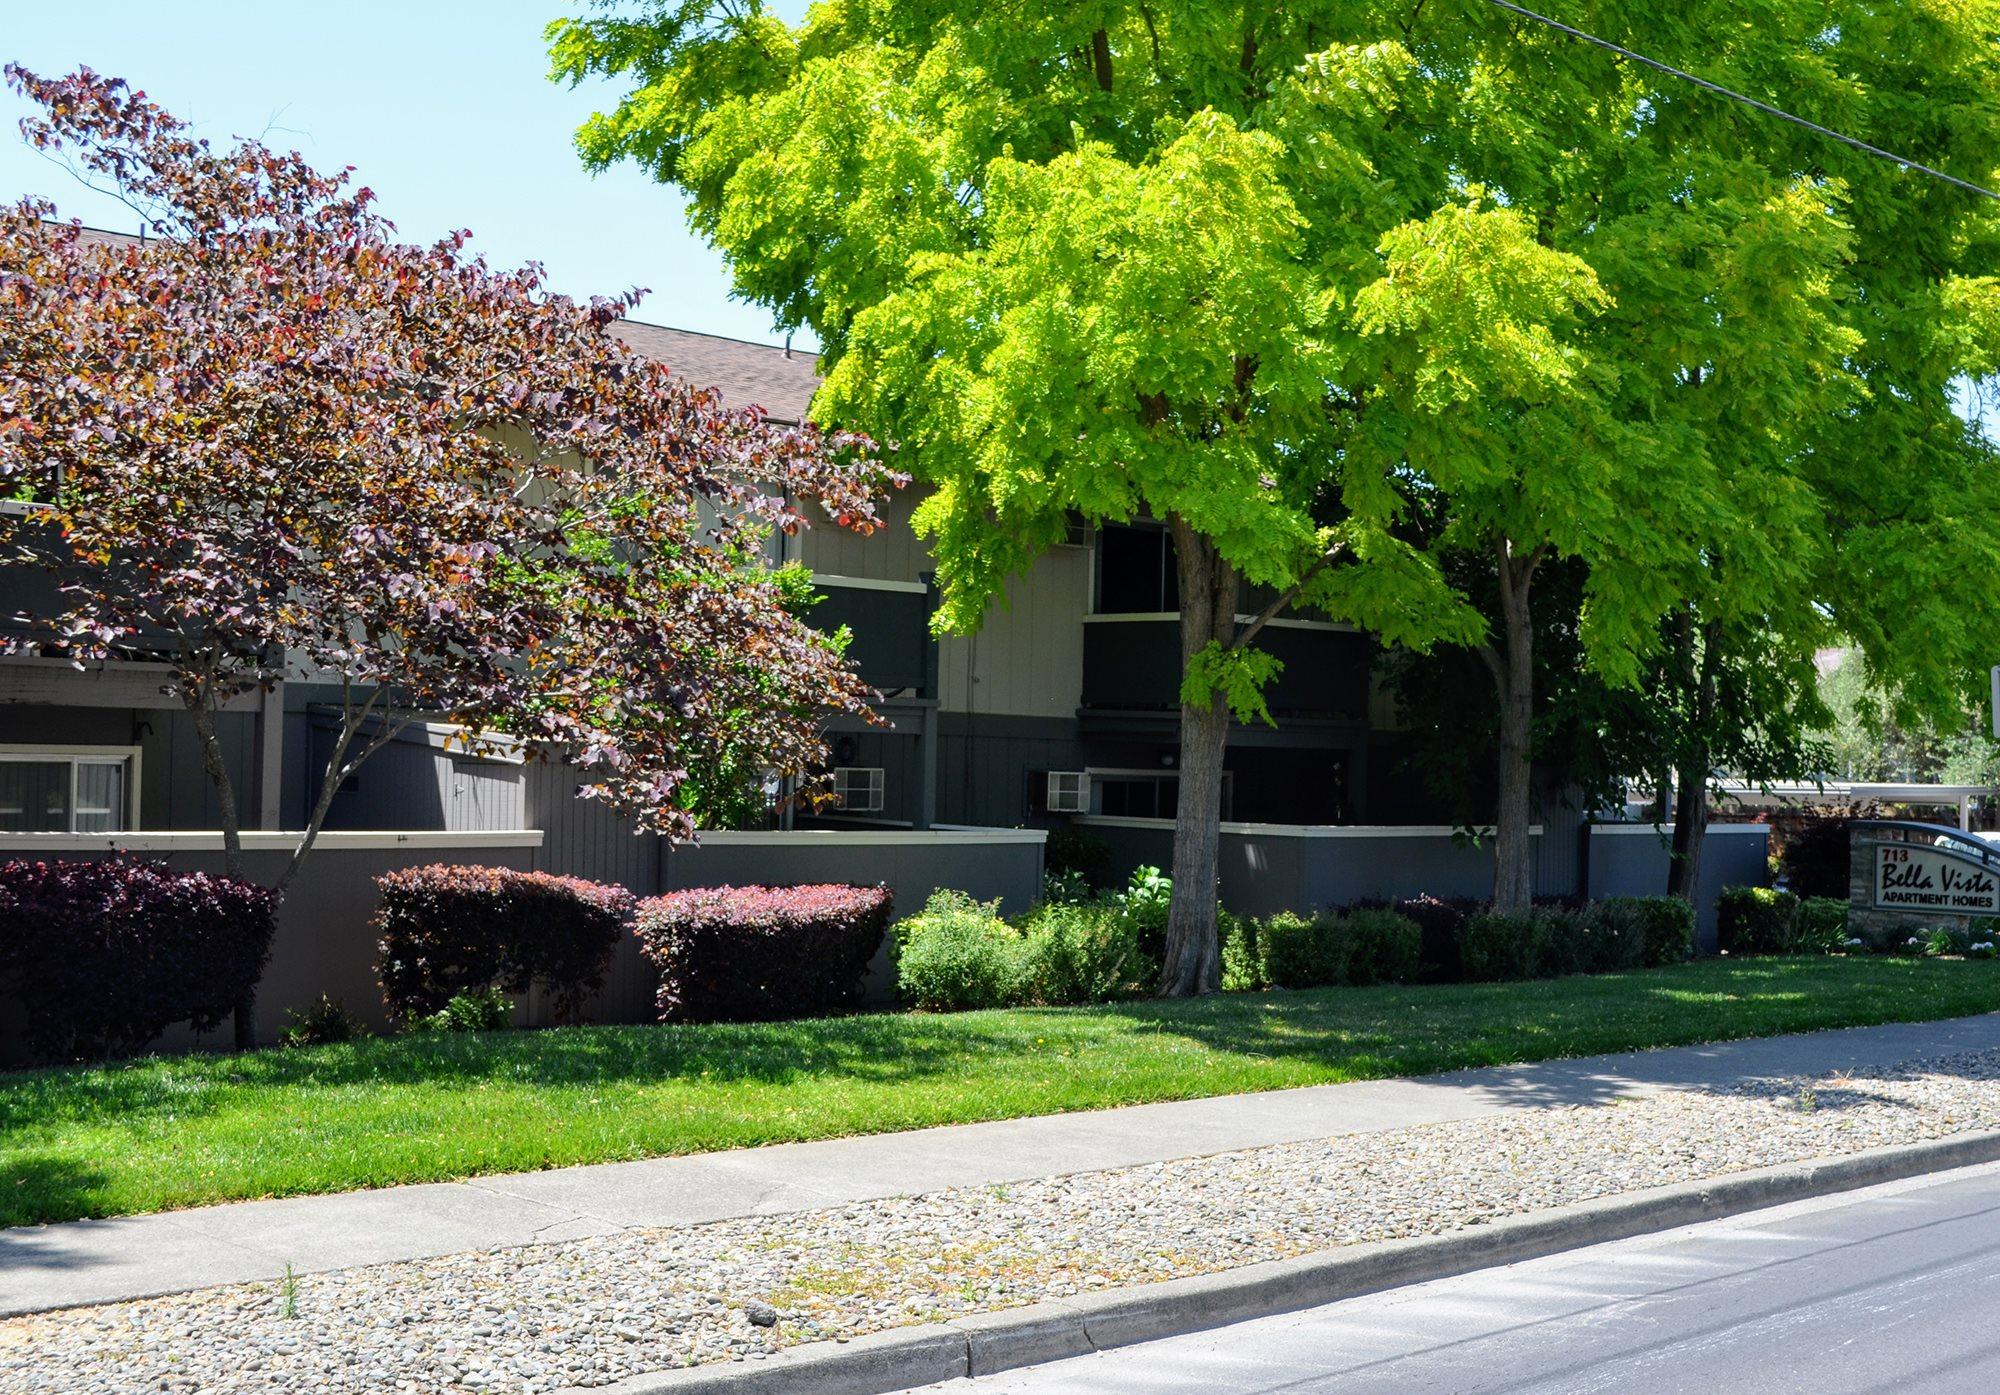 Landscaping with Greenery at Bella Vista Apartment Homes, Napa, CA, 94558